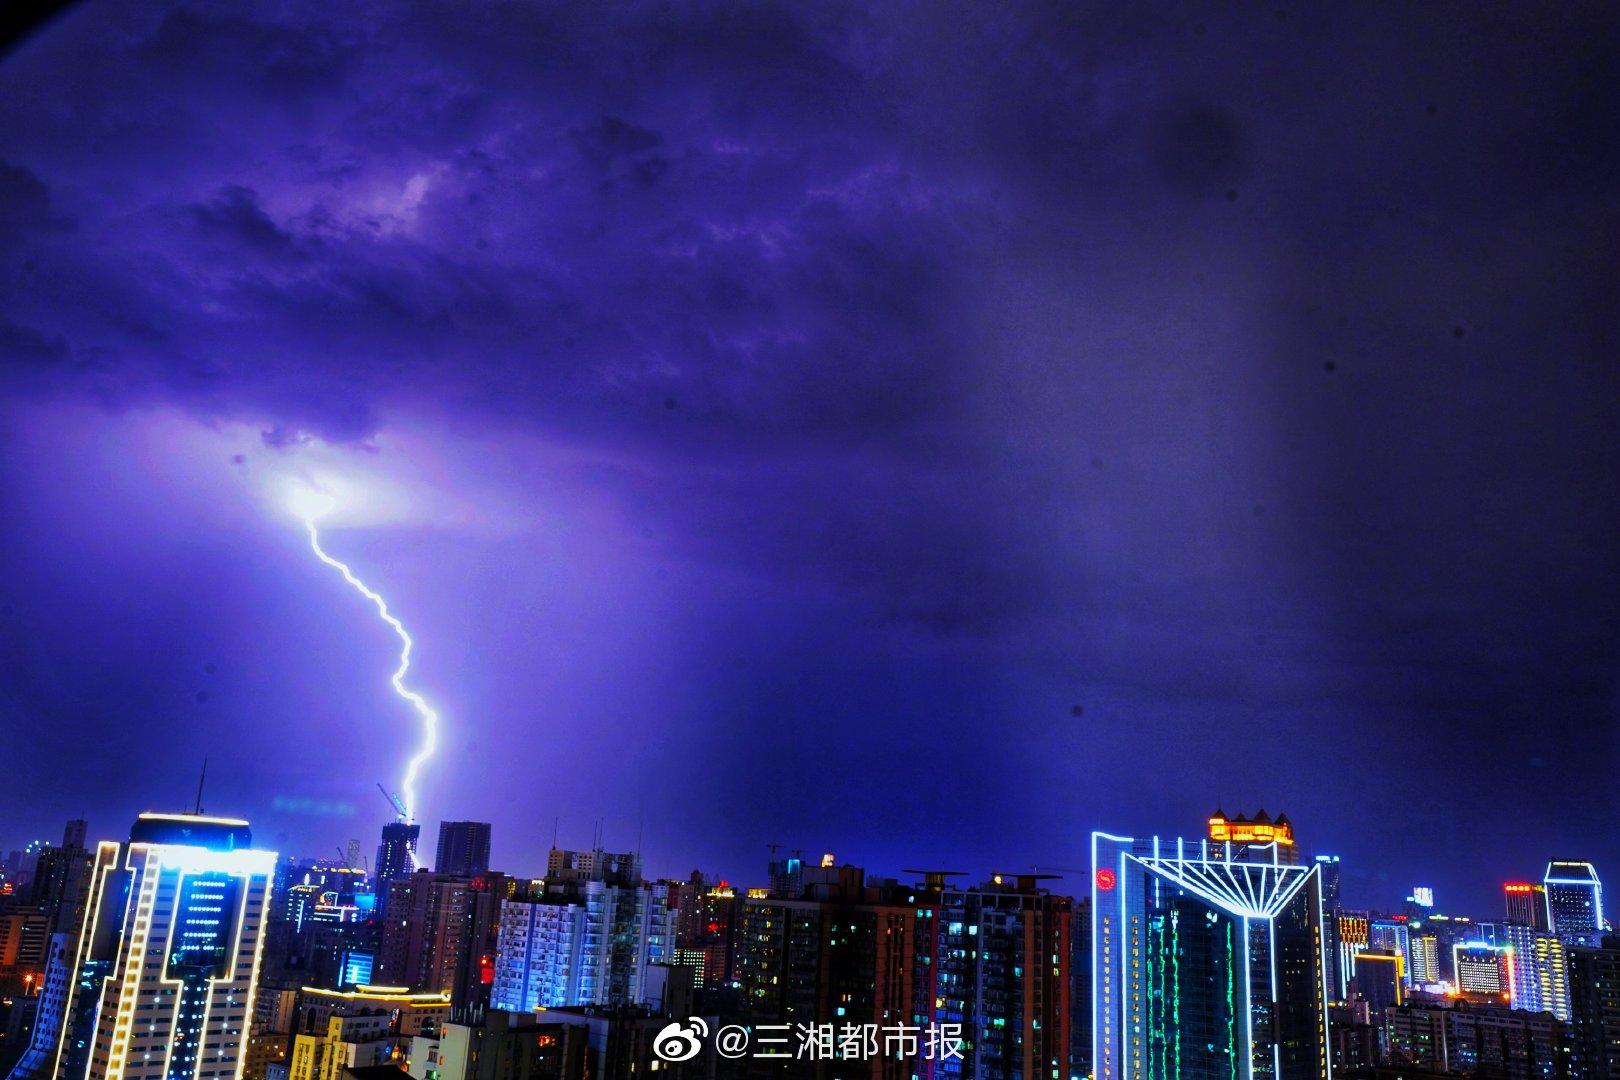 8月9日晚, 出现雷暴天气,记者在开福区芙蓉中路抓拍到闪电的瞬间